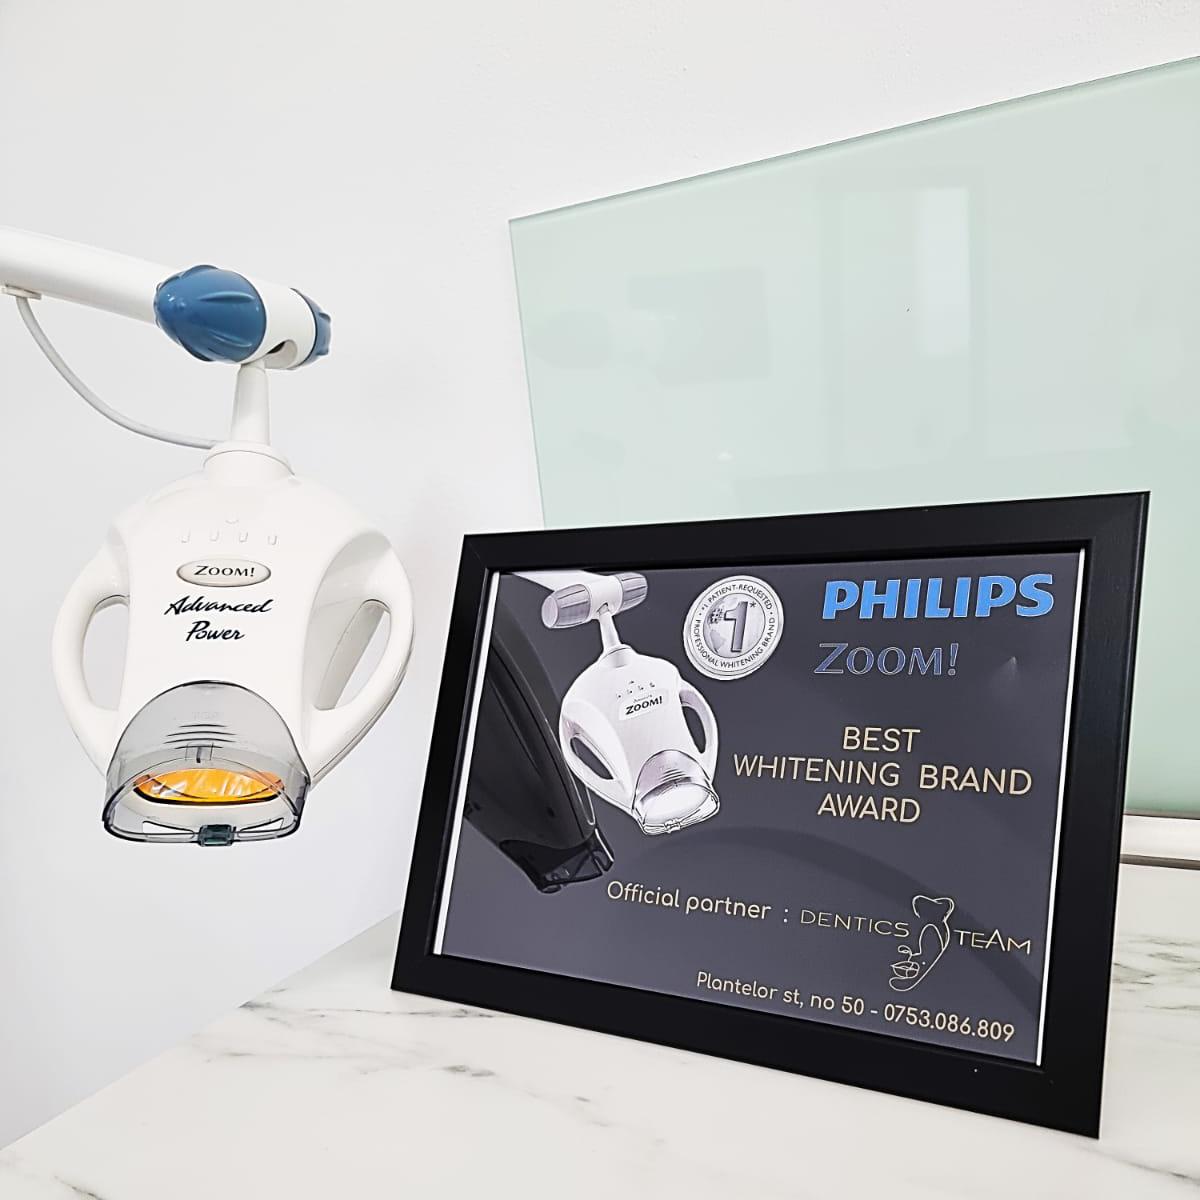 Lampa Philips Zoom Dentics Team